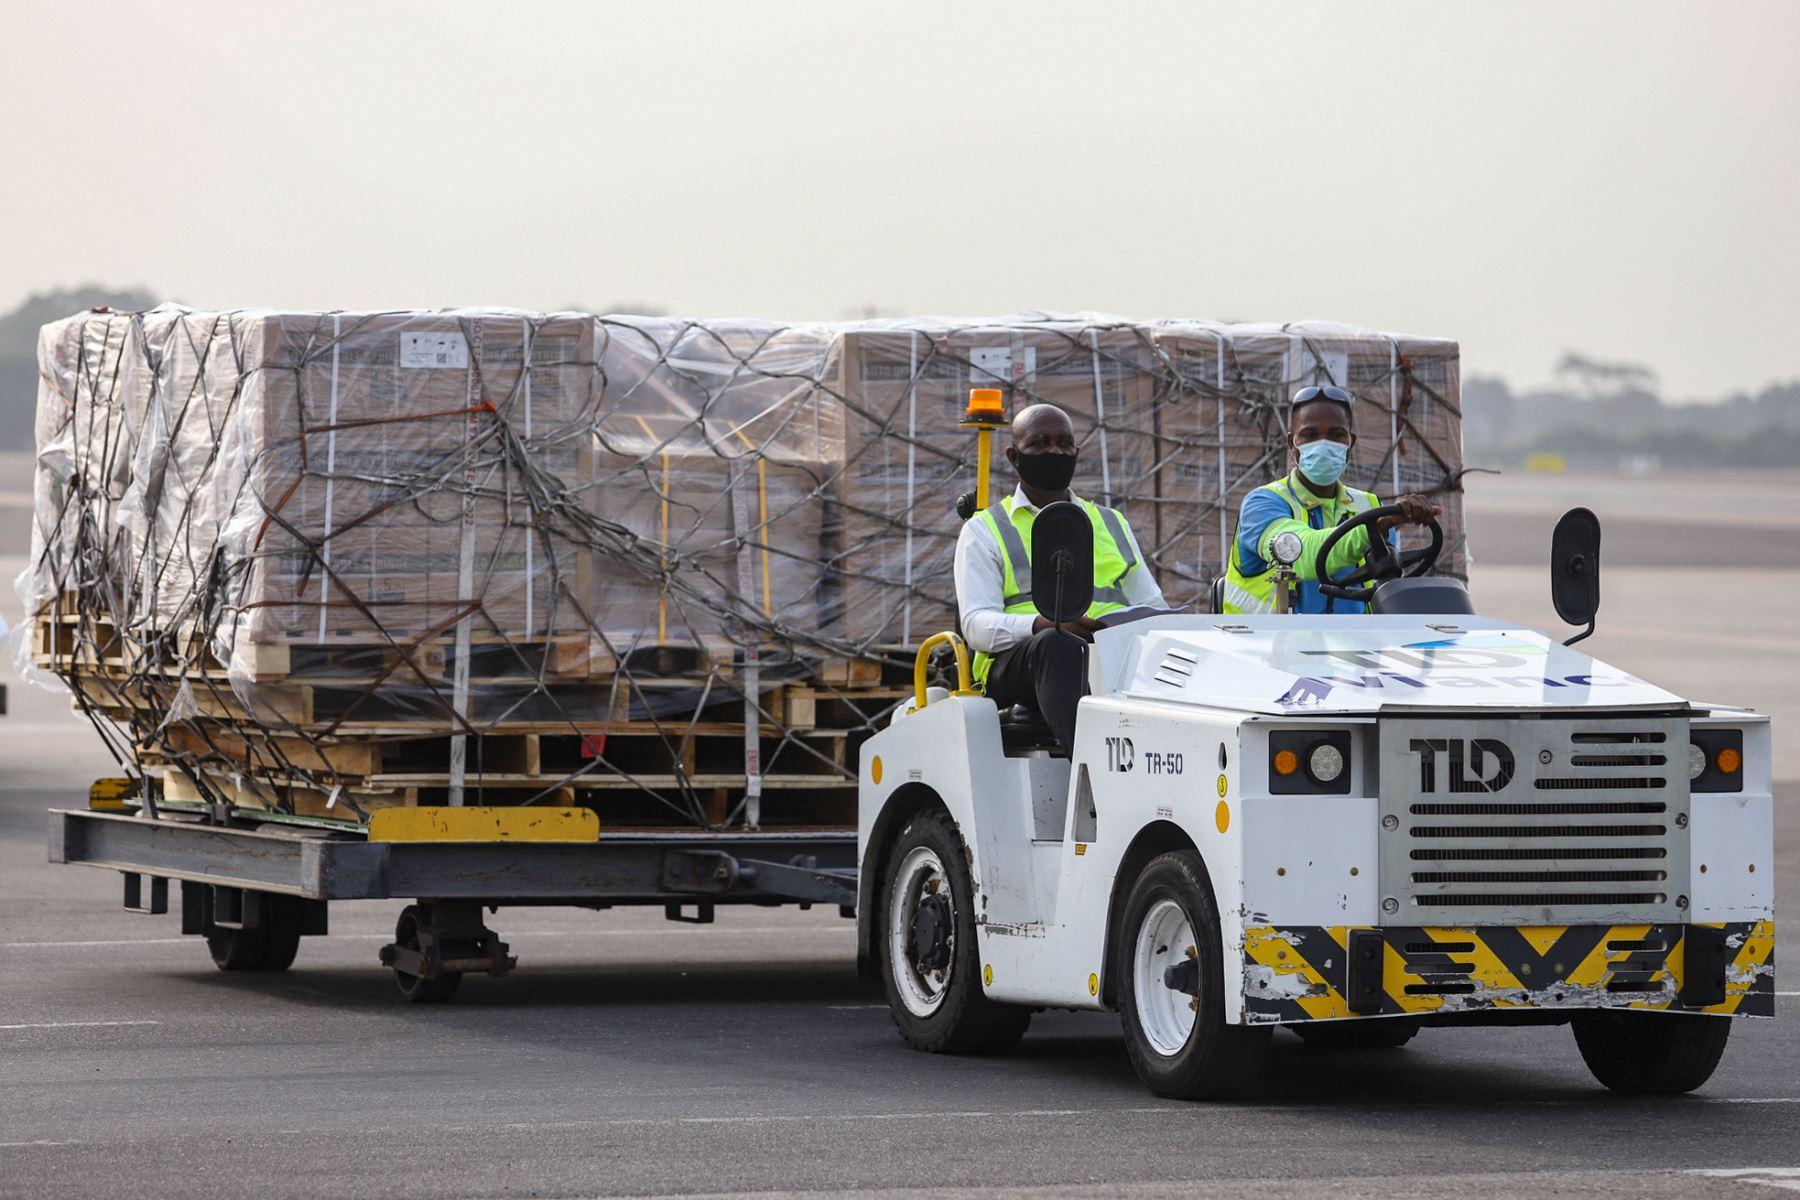 Los trabajadores transportan un lote de vacunas AstraZeneca/ Oxford contra la Covid-19 adquiridas por Ghana a través del mecanismo COVAX, en el Aeropuerto Internacional de Kotoka en Accra, el 24 de febrero de 2021. Foto: AFP